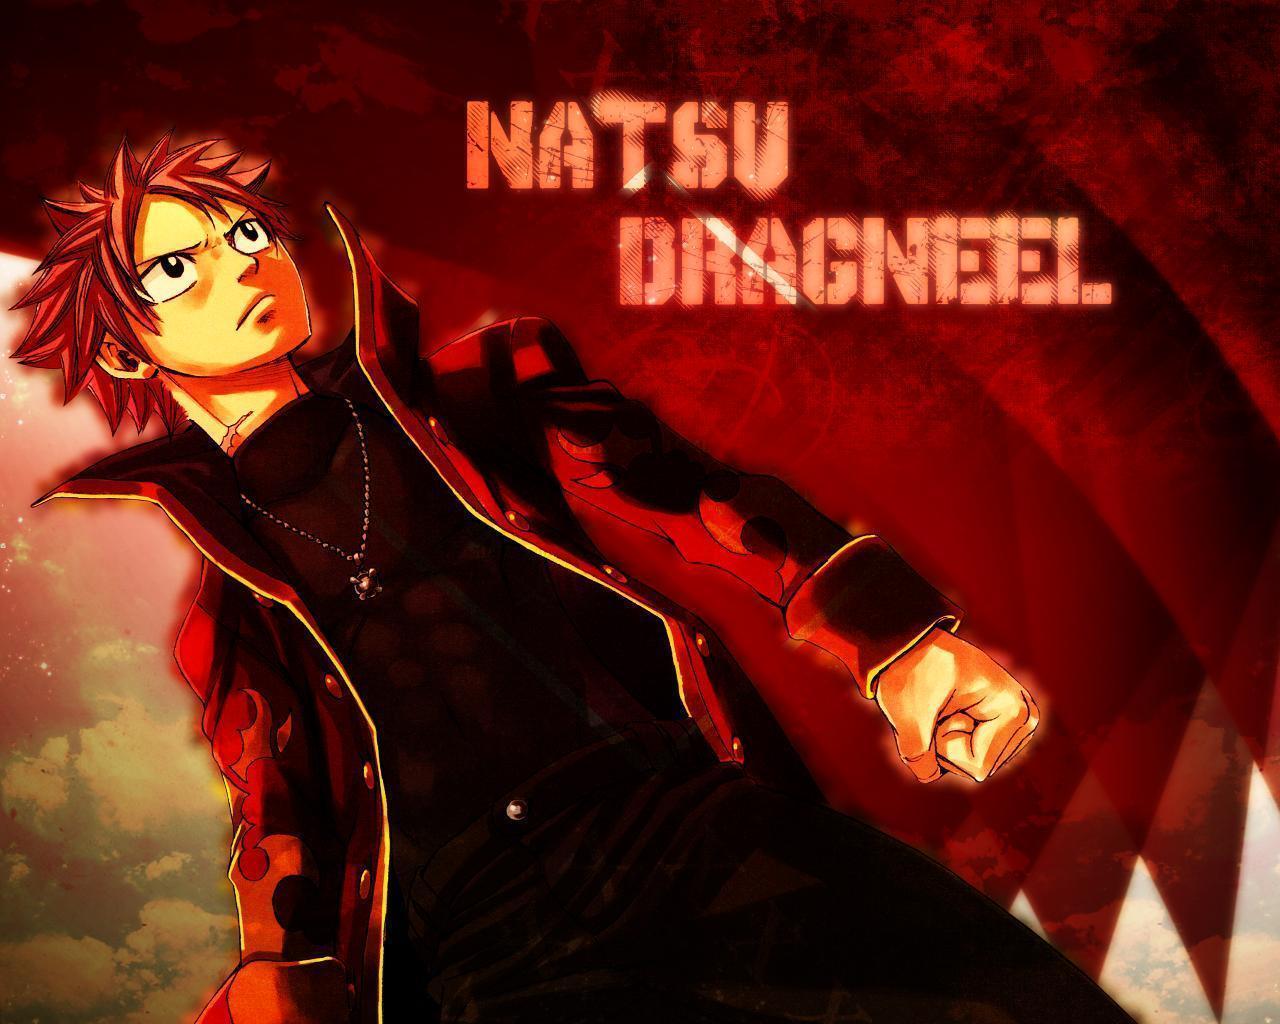 Natsu Dragneel Wallpapers 1280x1024